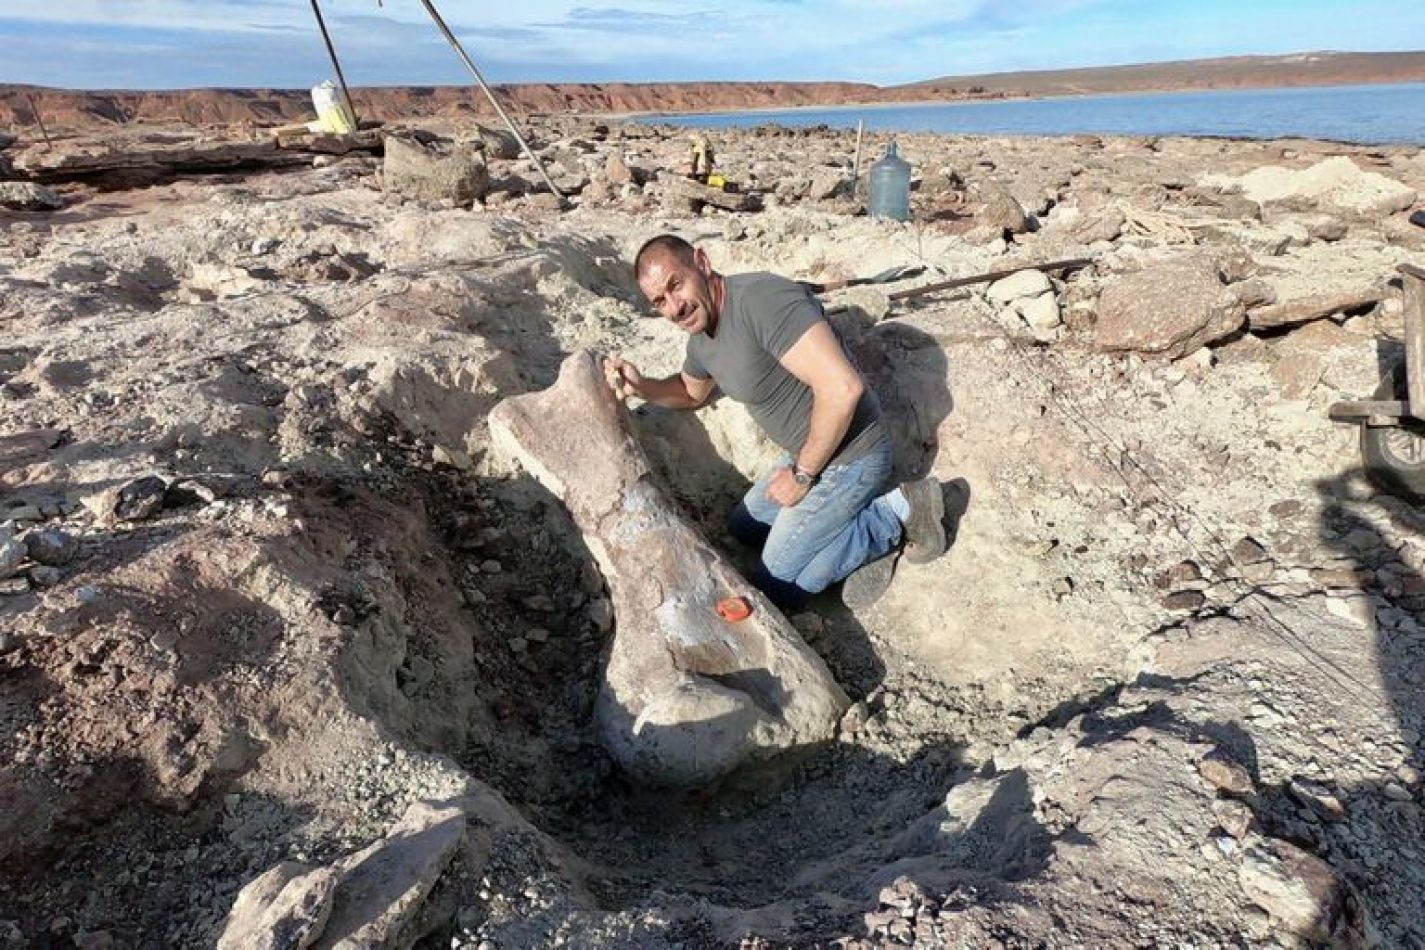 Encontraron los restos de un dinosaurio gigante en Neuquén tras la bajante de un lago